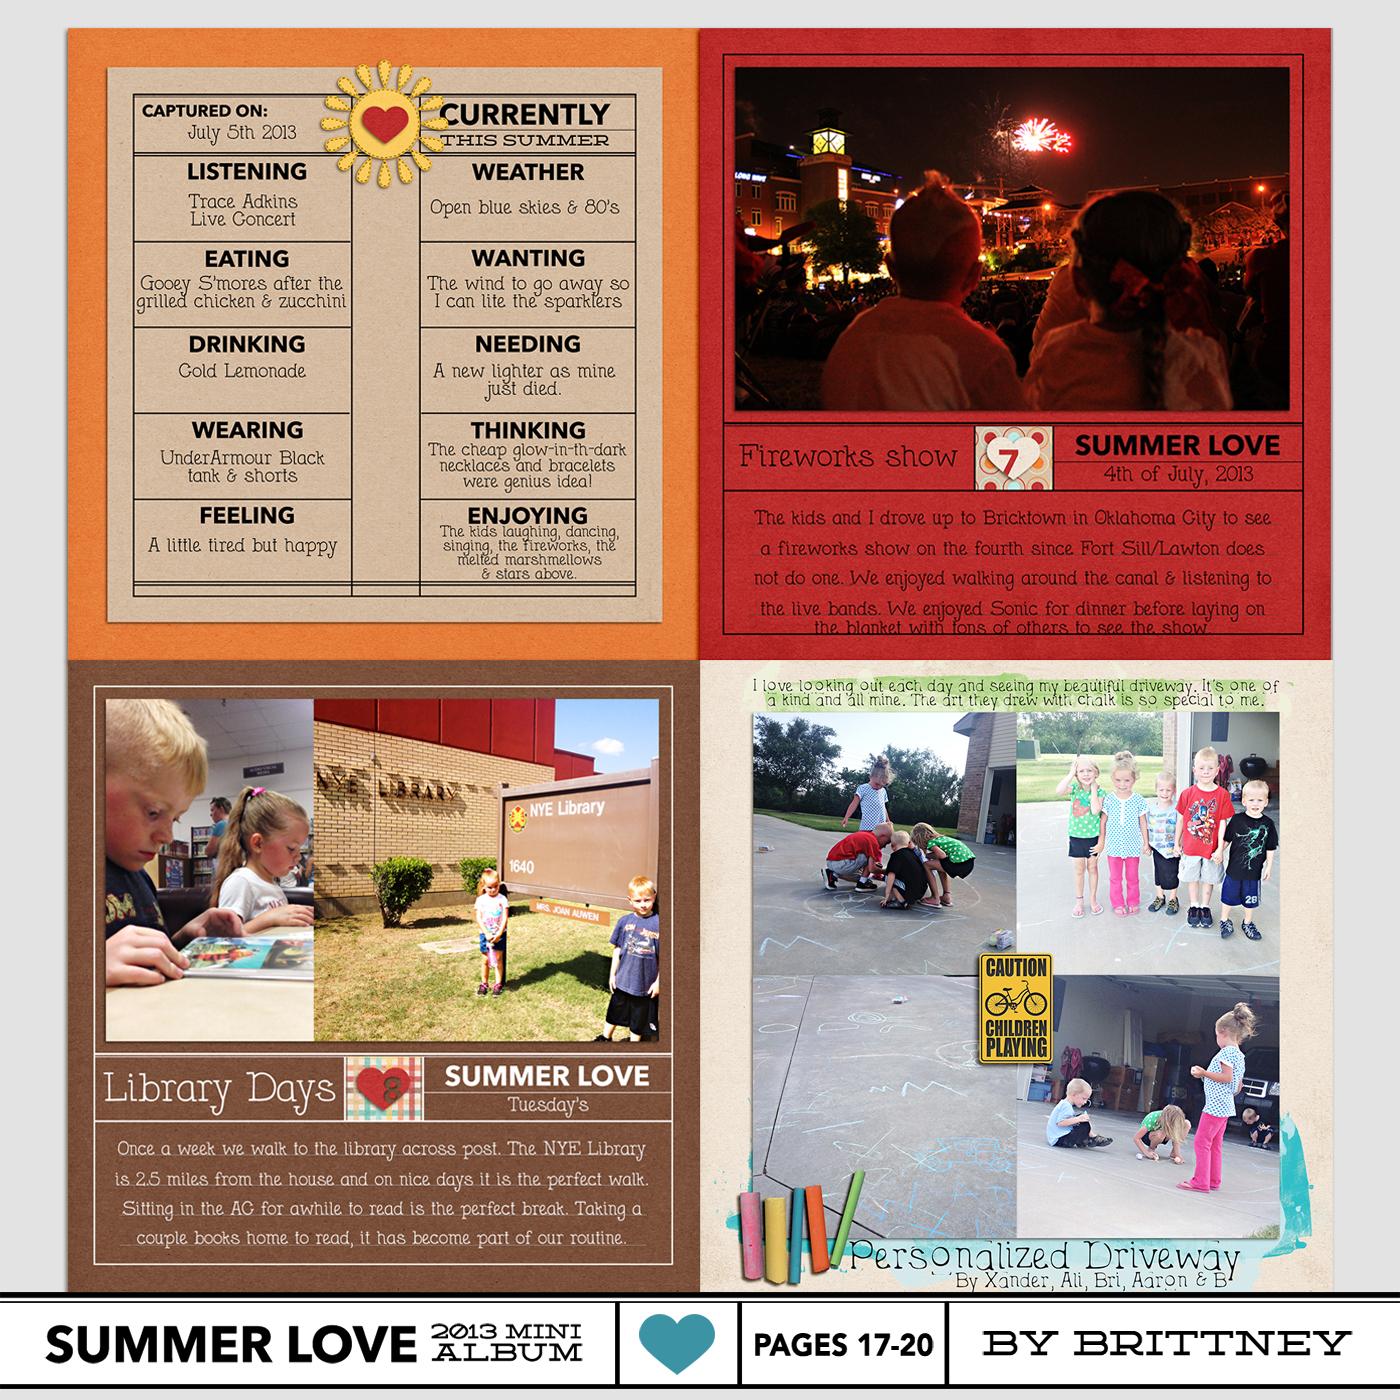 brittney_nettiodesigns_SummerLove-pg17-20